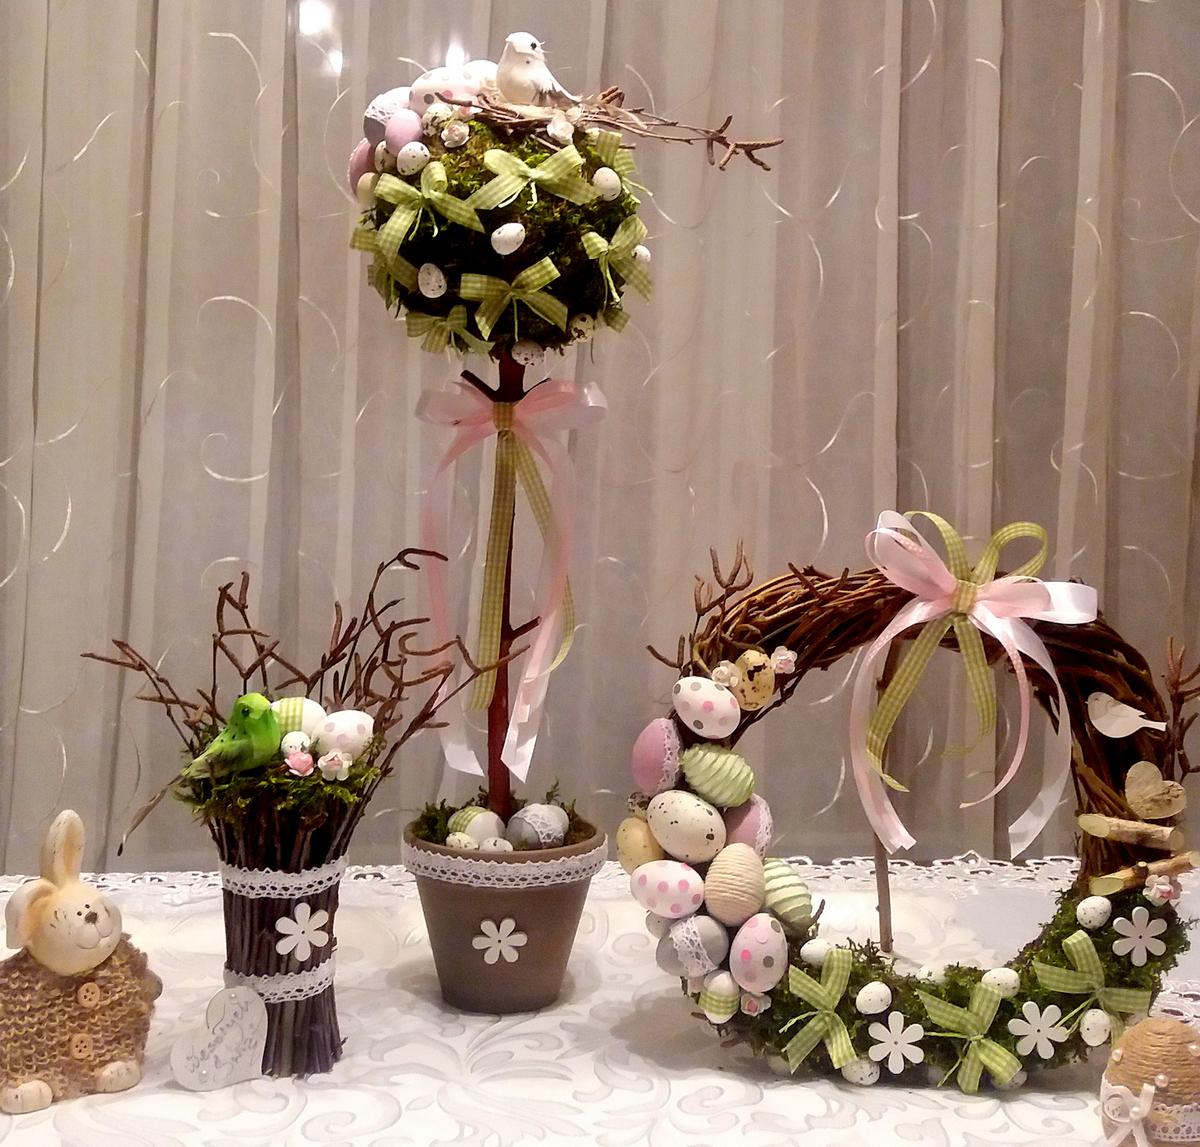 Drzewko Wielkanocne Wianek Stroik Ostatni 7215858114